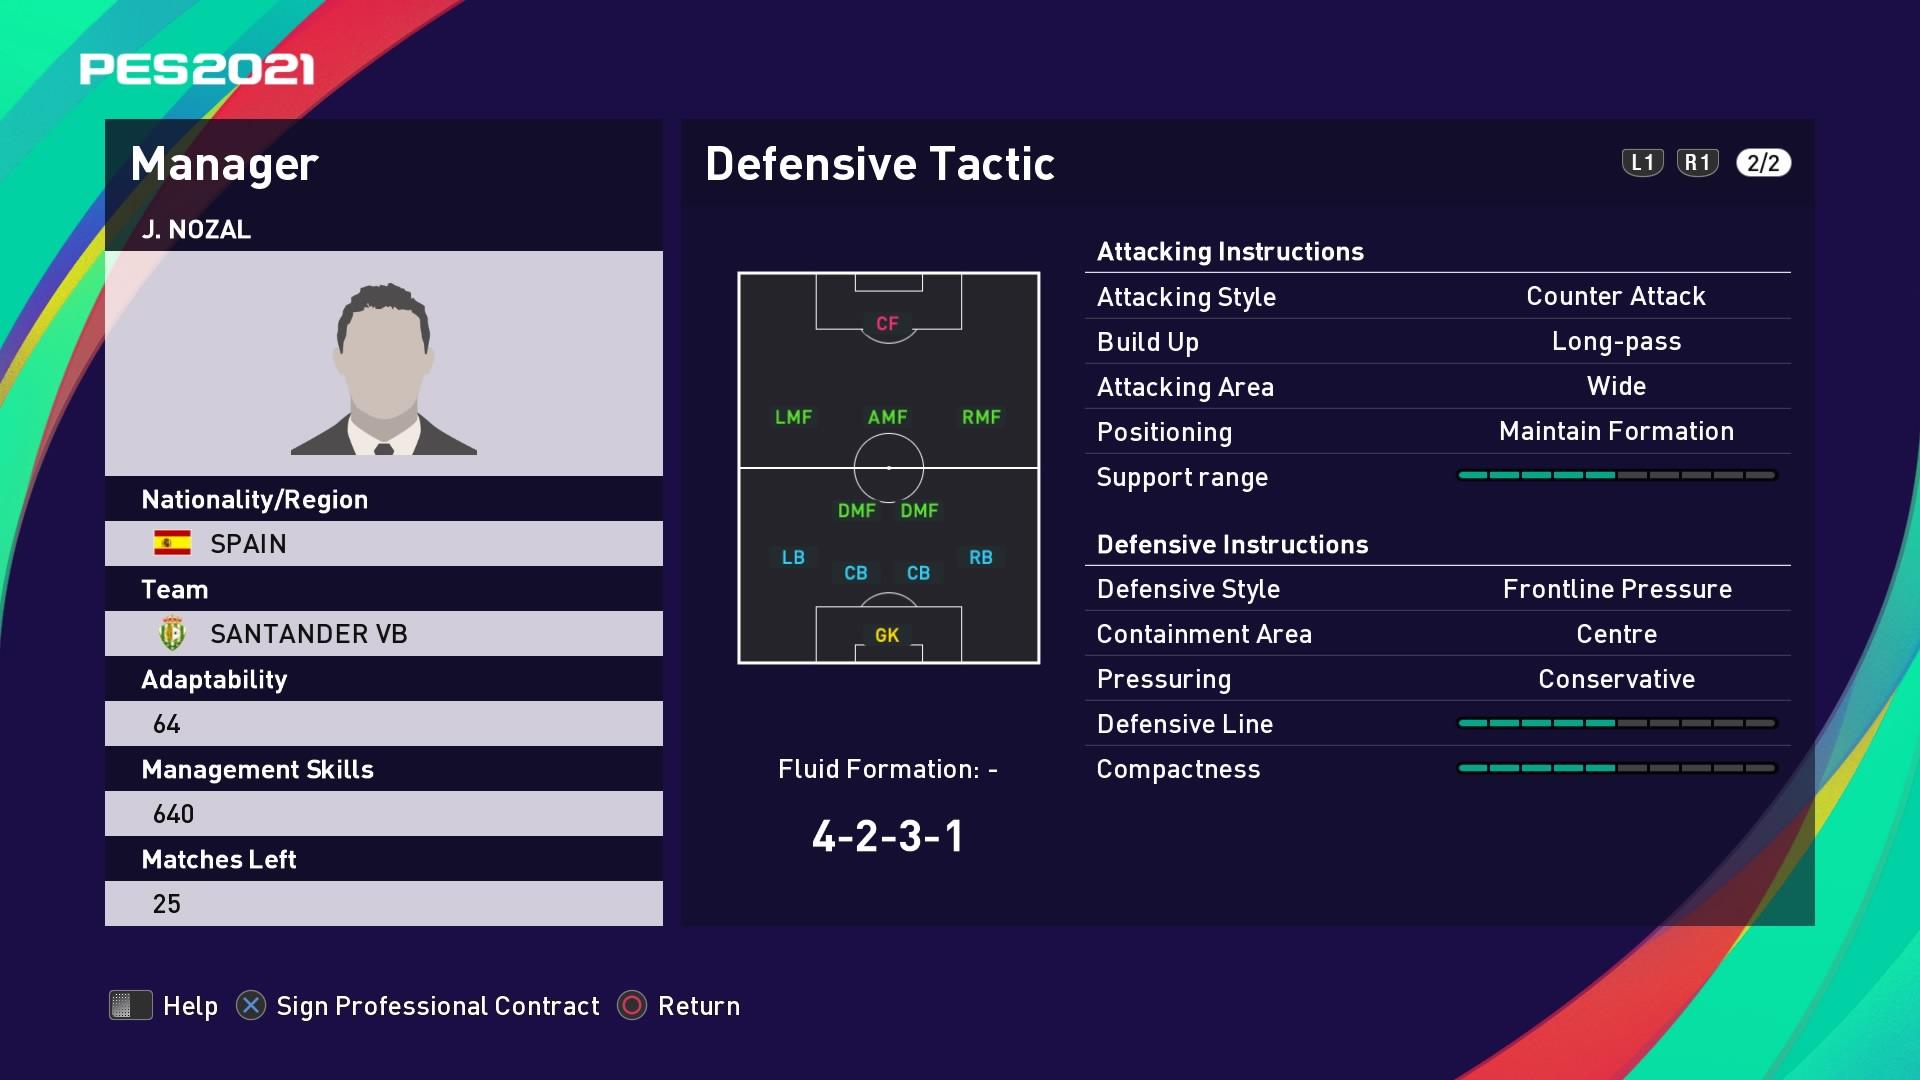 J. Nozal (Rozada) Defensive Tactic in PES 2021 myClub